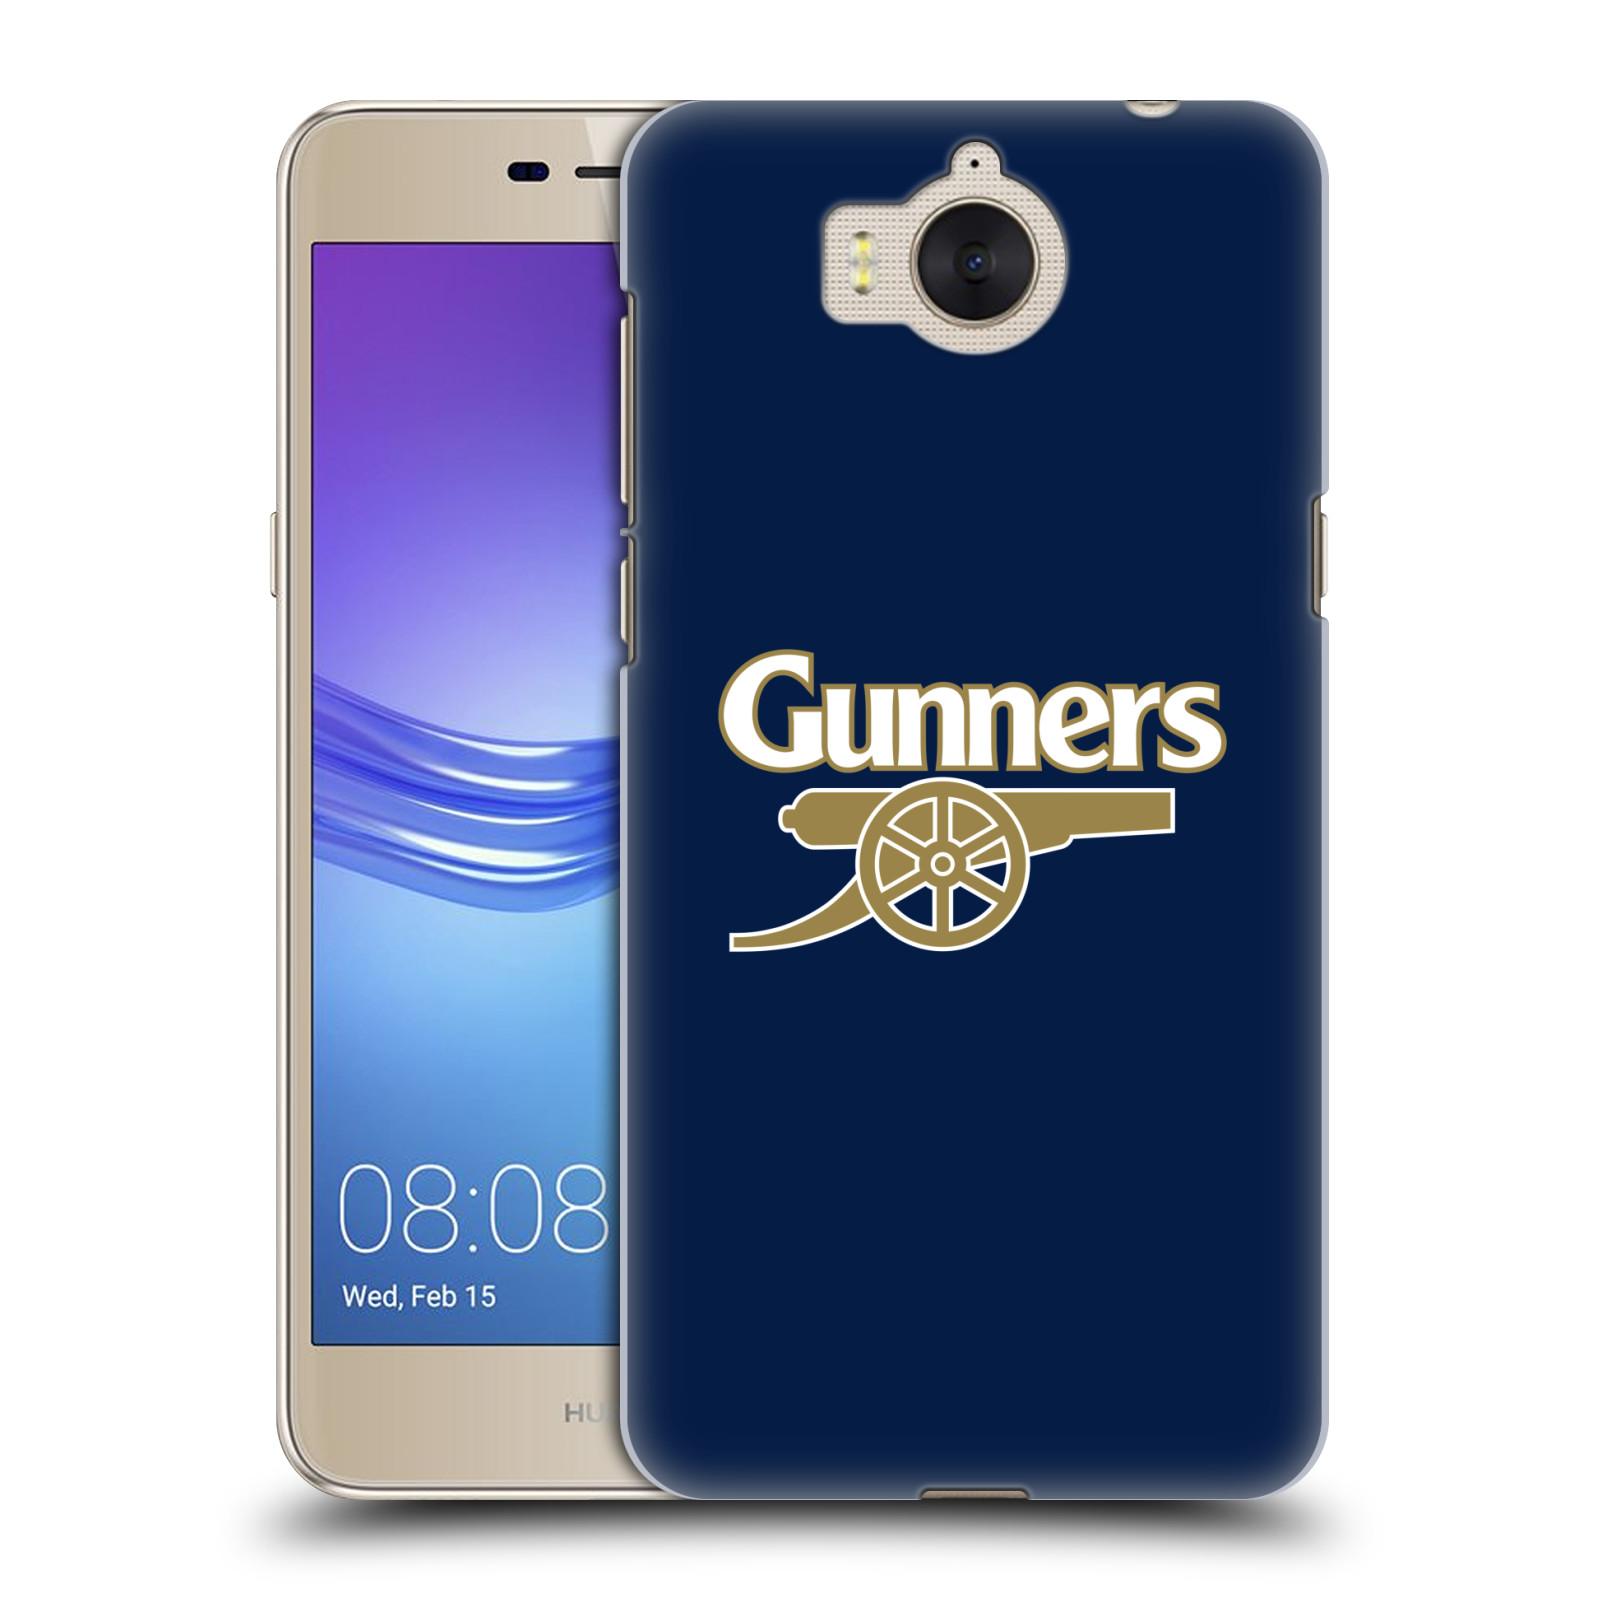 Plastové pouzdro na mobil Huawei Y6 2017 - Head Case - Arsenal FC - Gunners